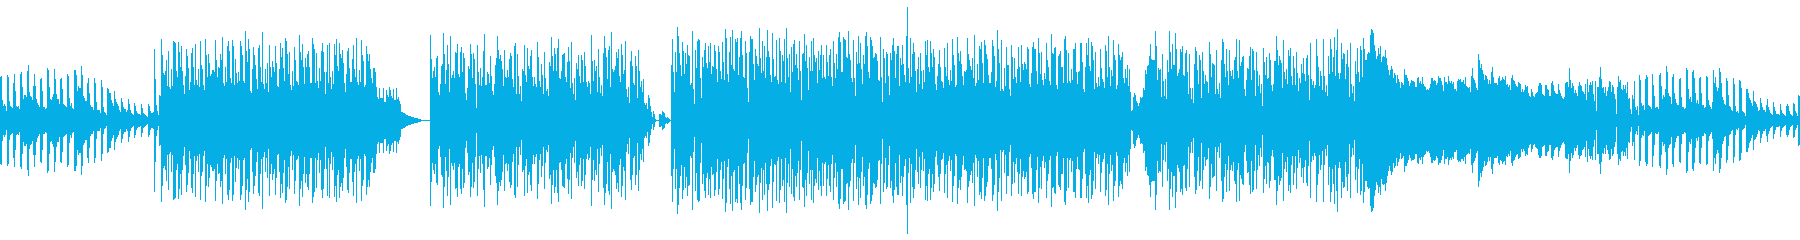 無限の渦の抽象的な色。の再生済みの波形